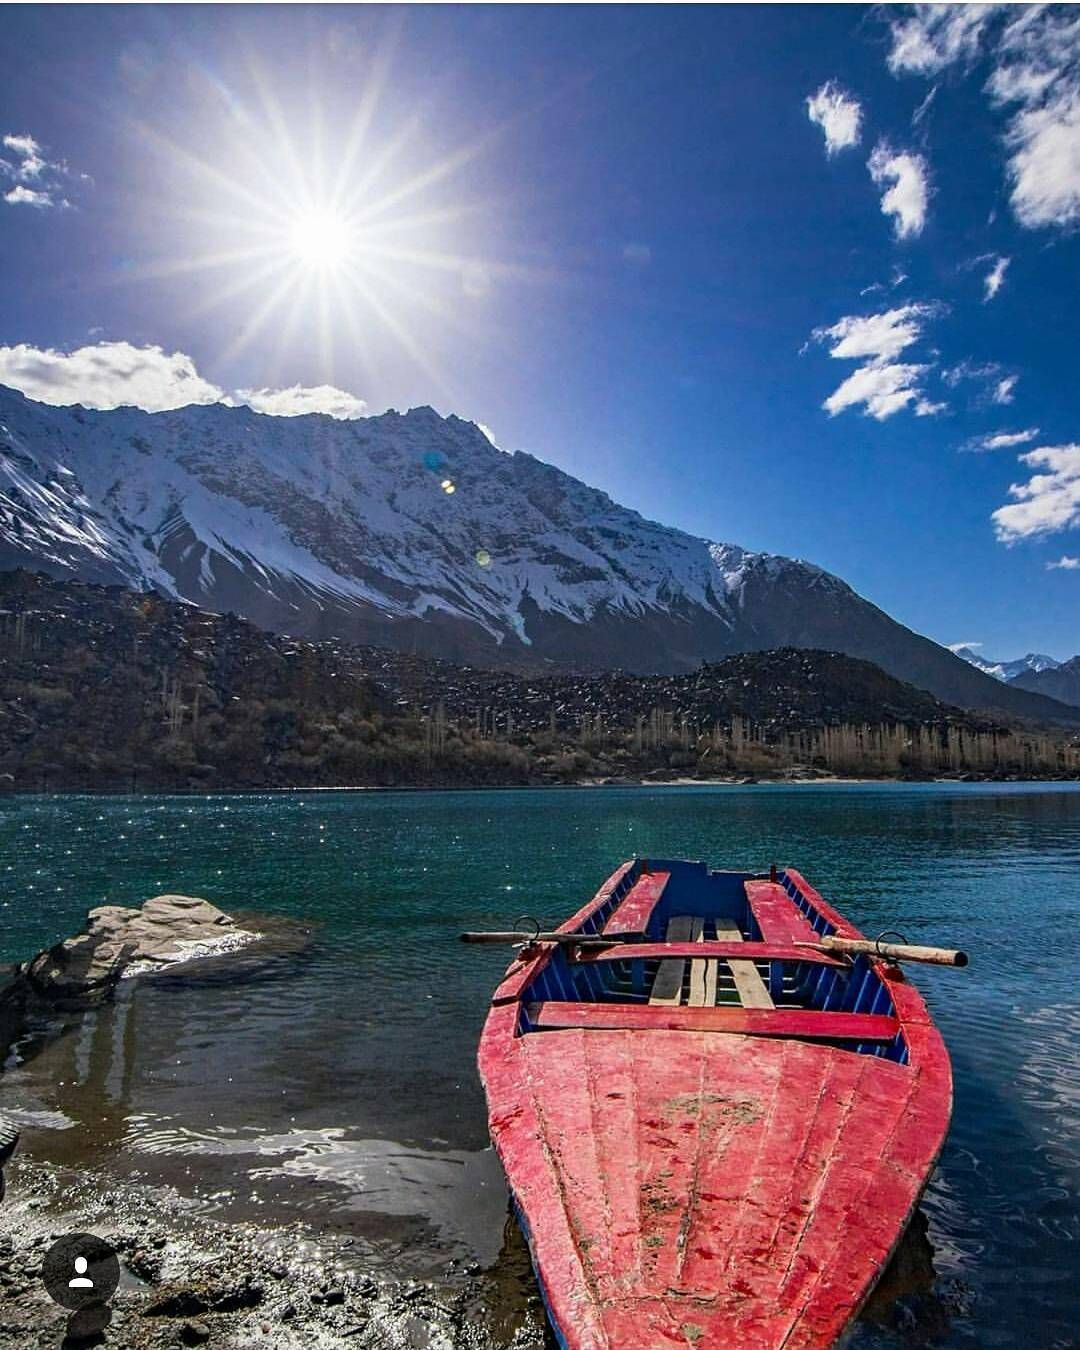 Viaja A Pakistan In 2020 Reisen Pakistan